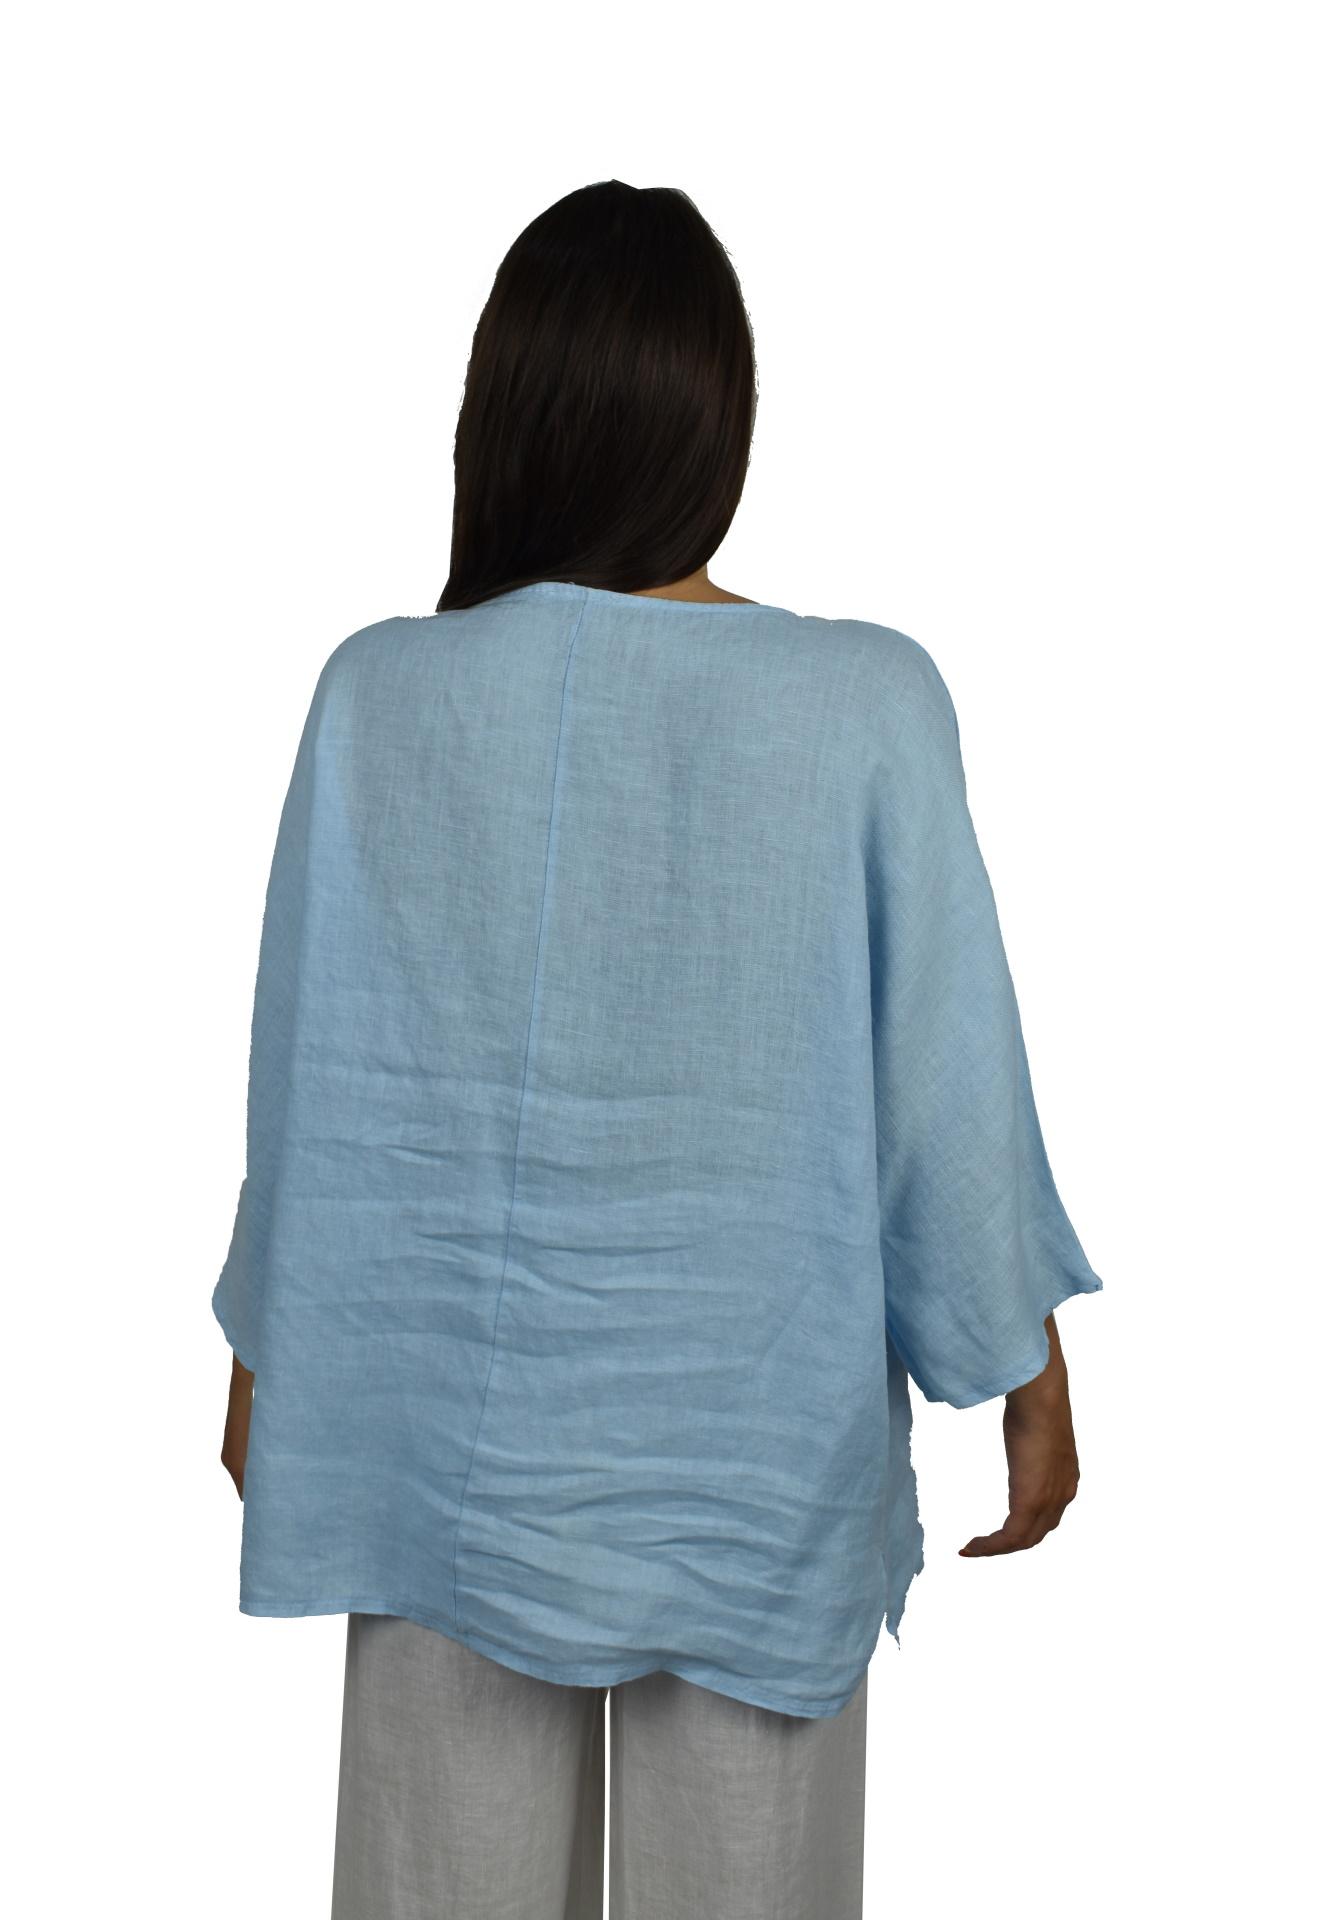 MAGMAXPE2101 AZZURRO MAGLIA DA DONNA GIROCOLLO CON MANICA A 34 100 LINO 1 1stAmerican maglia da donna girocollo con manica a 3/4 100% lino Made in Italy - t-shirt manica corta da donna mare in lino